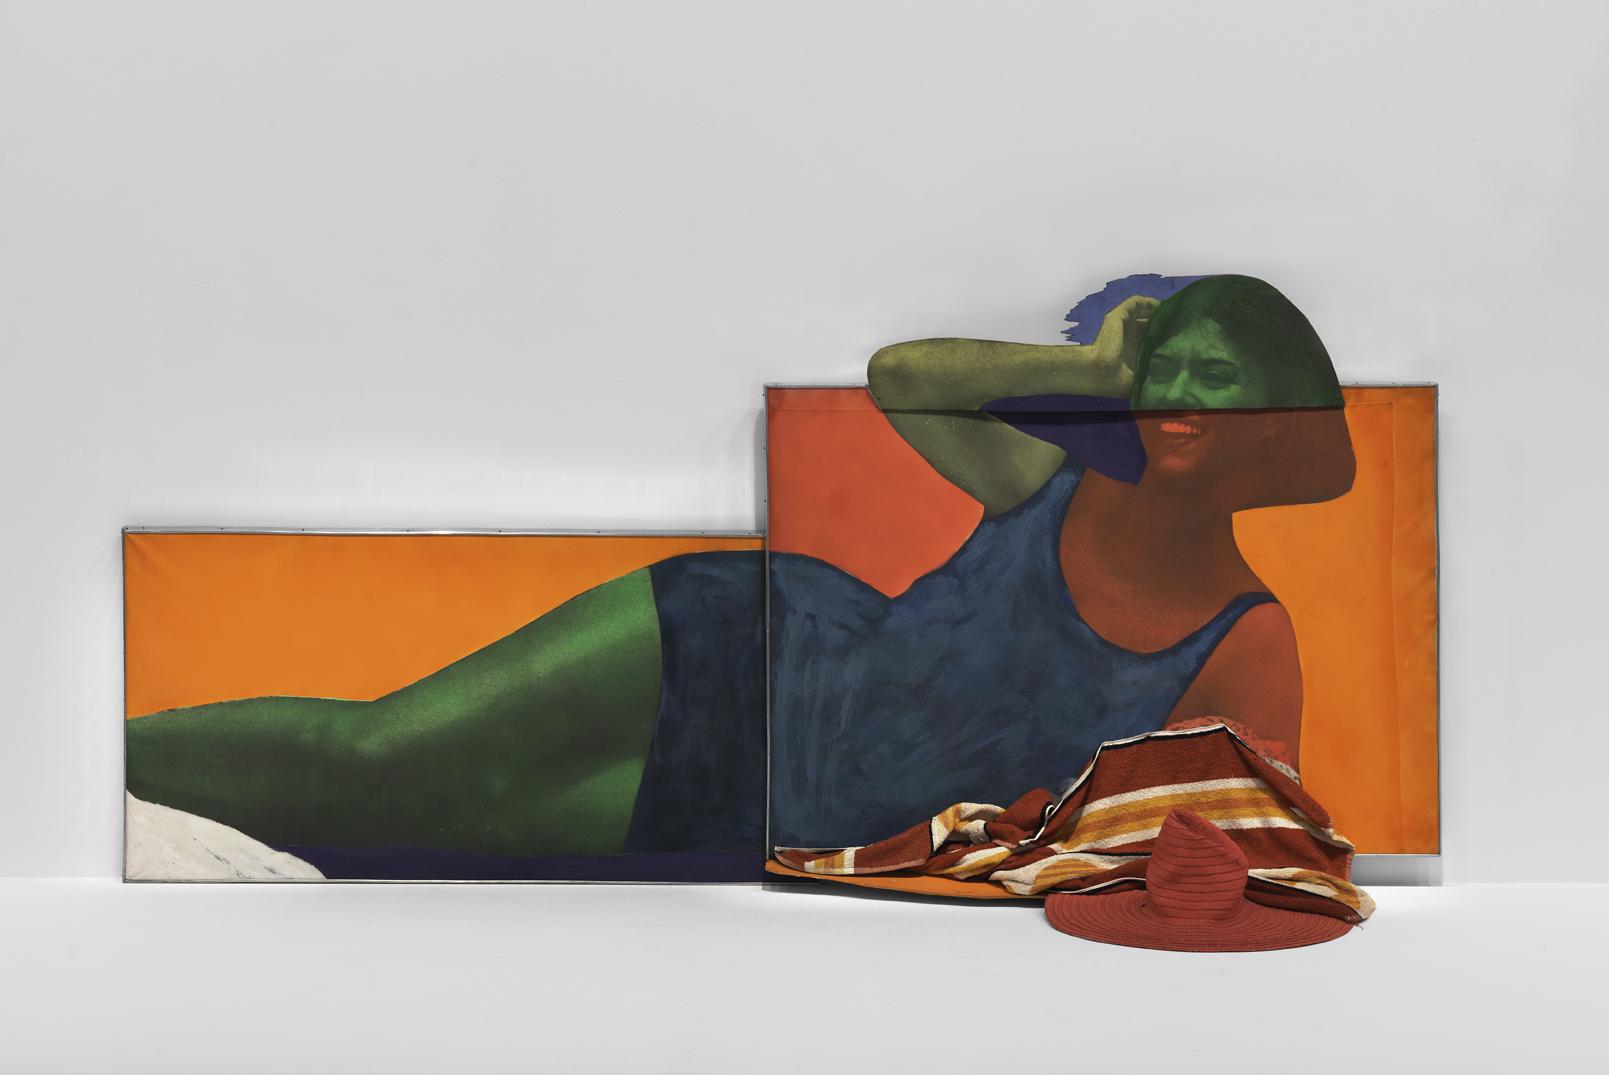 Martial Raysse, « Soudain l'été dernier », 1963, Centre Pompidou, MNAMCCI, Philippe Migeat